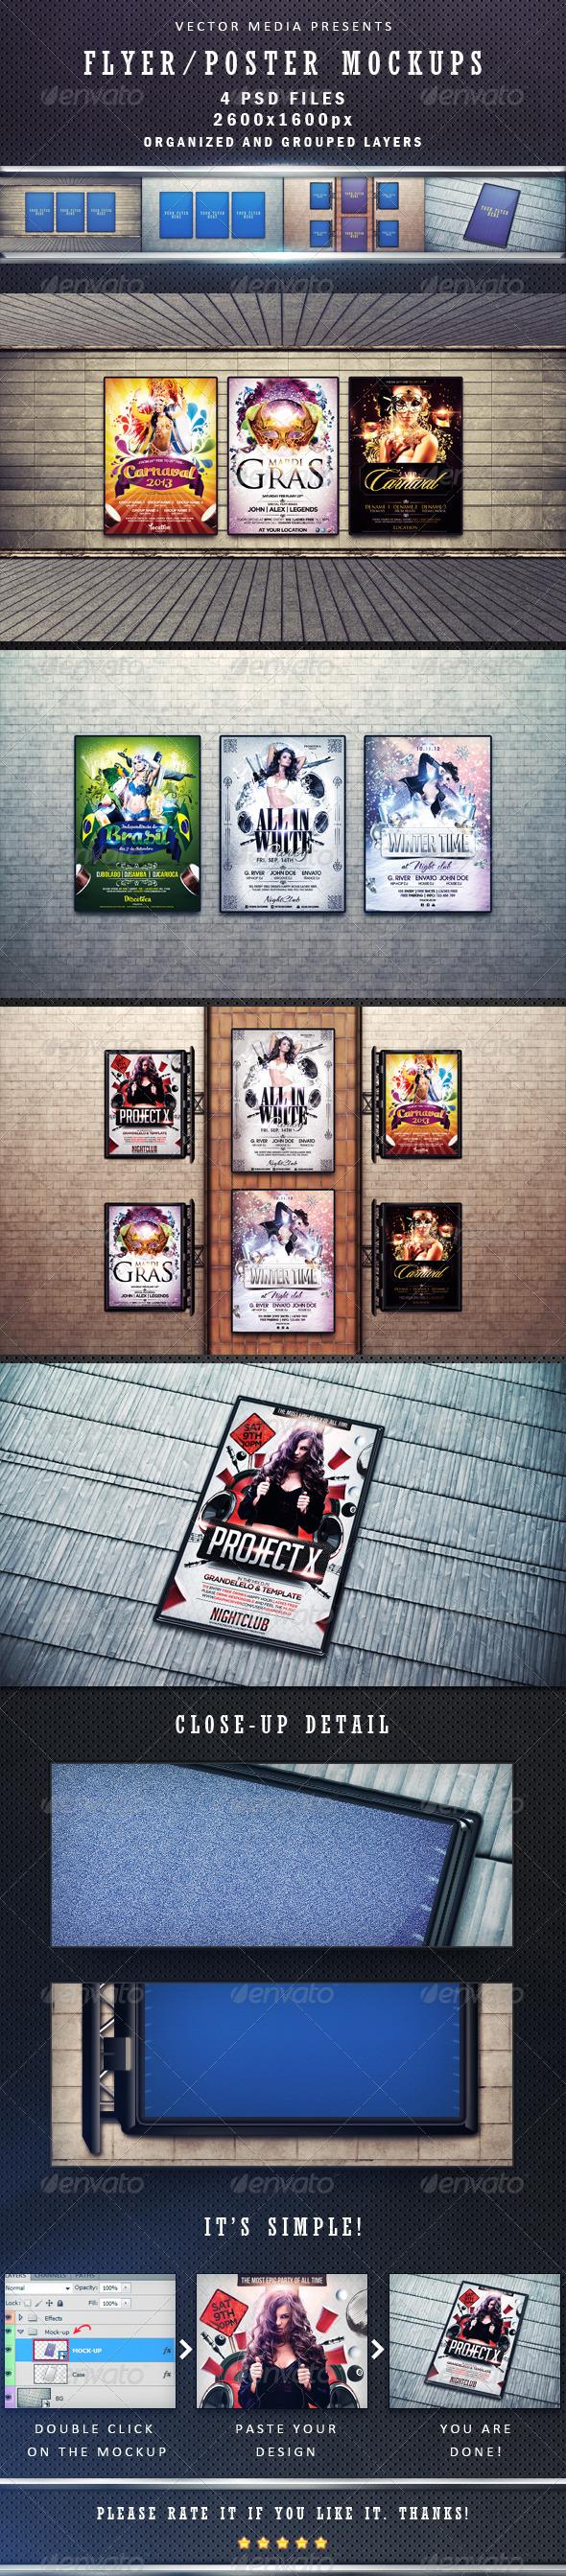 GraphicRiver Flyer Poster Mockups 4012766